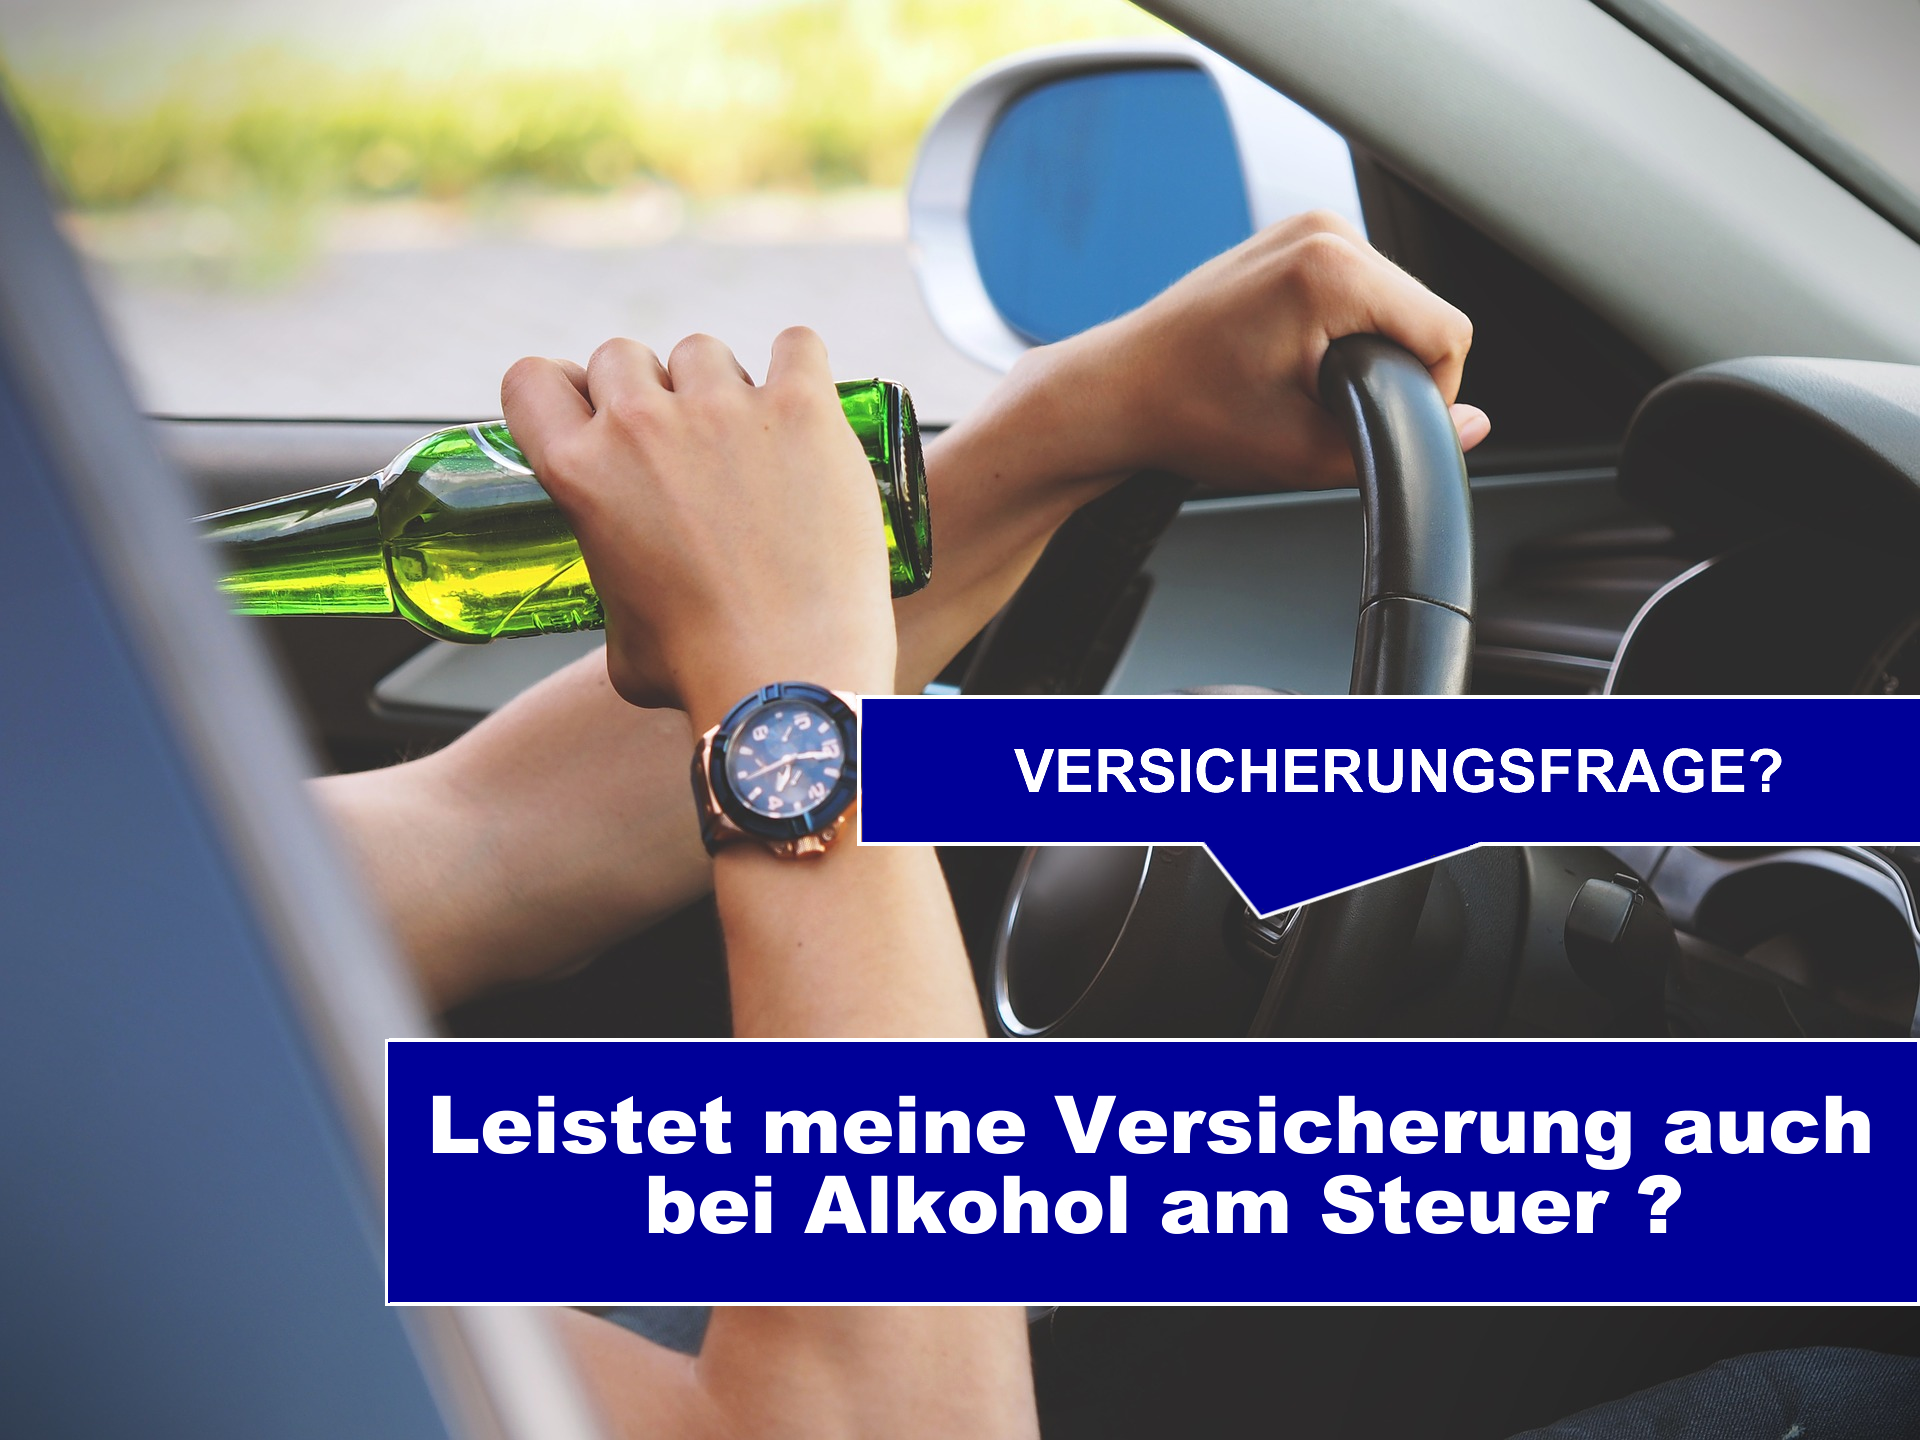 Kennst Du Deine Versicherungsleistungen, wenn Du unter Alkoholeinfluss einen Unfall hast?